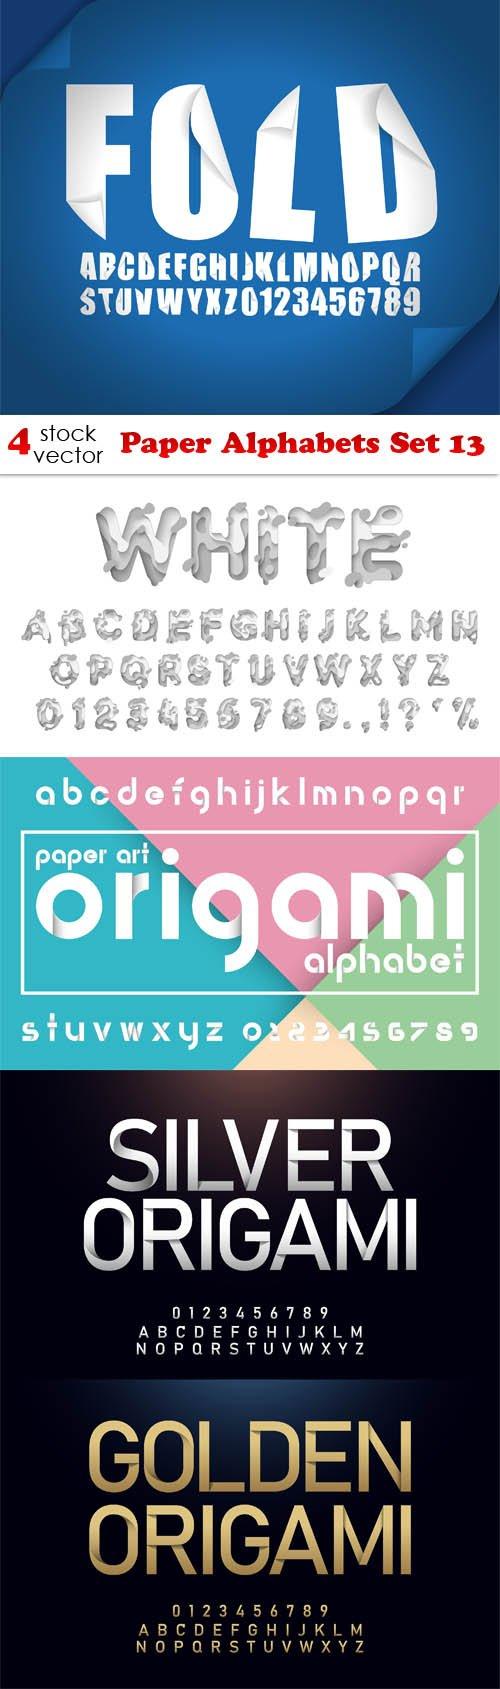 Vectors - Paper Alphabets Set 13